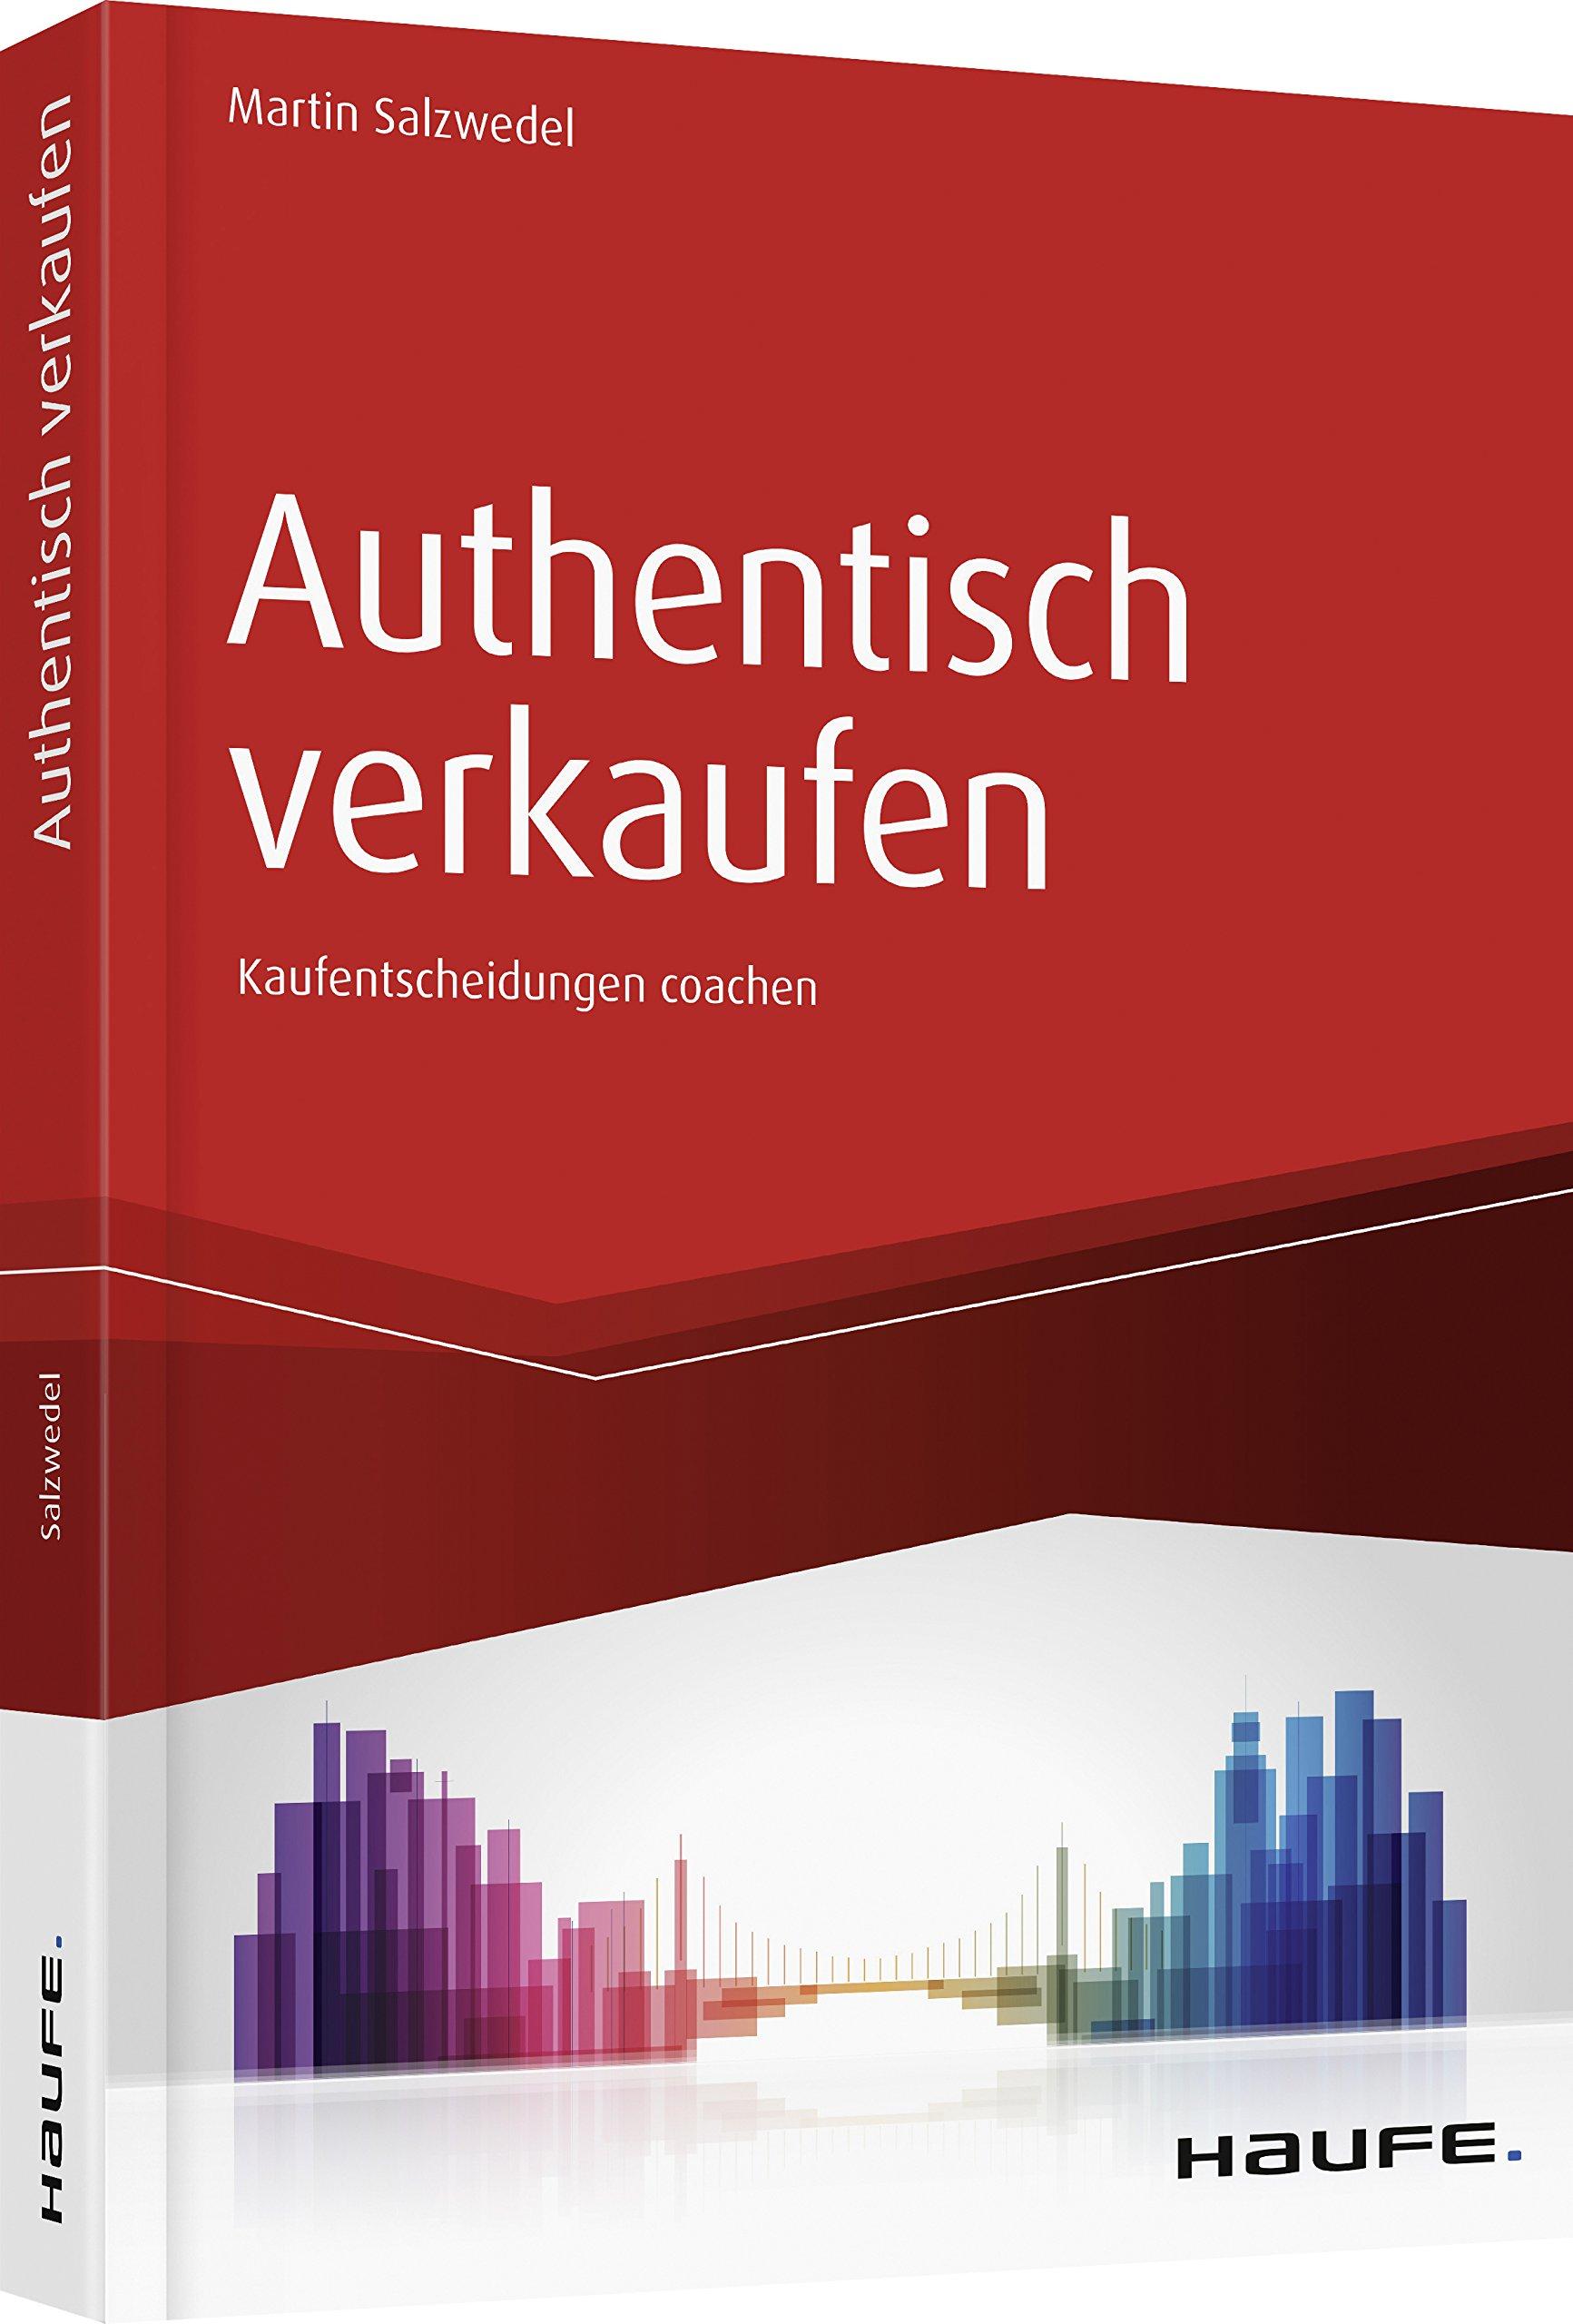 Authentisch verkaufen: Der Verkäufer als Coach im Entscheidungsprozess des Kunden (Haufe Fachbuch) Taschenbuch – 21. August 2018 Martin Salzwedel 3648118420 Wirtschaft / Werbung Marketing